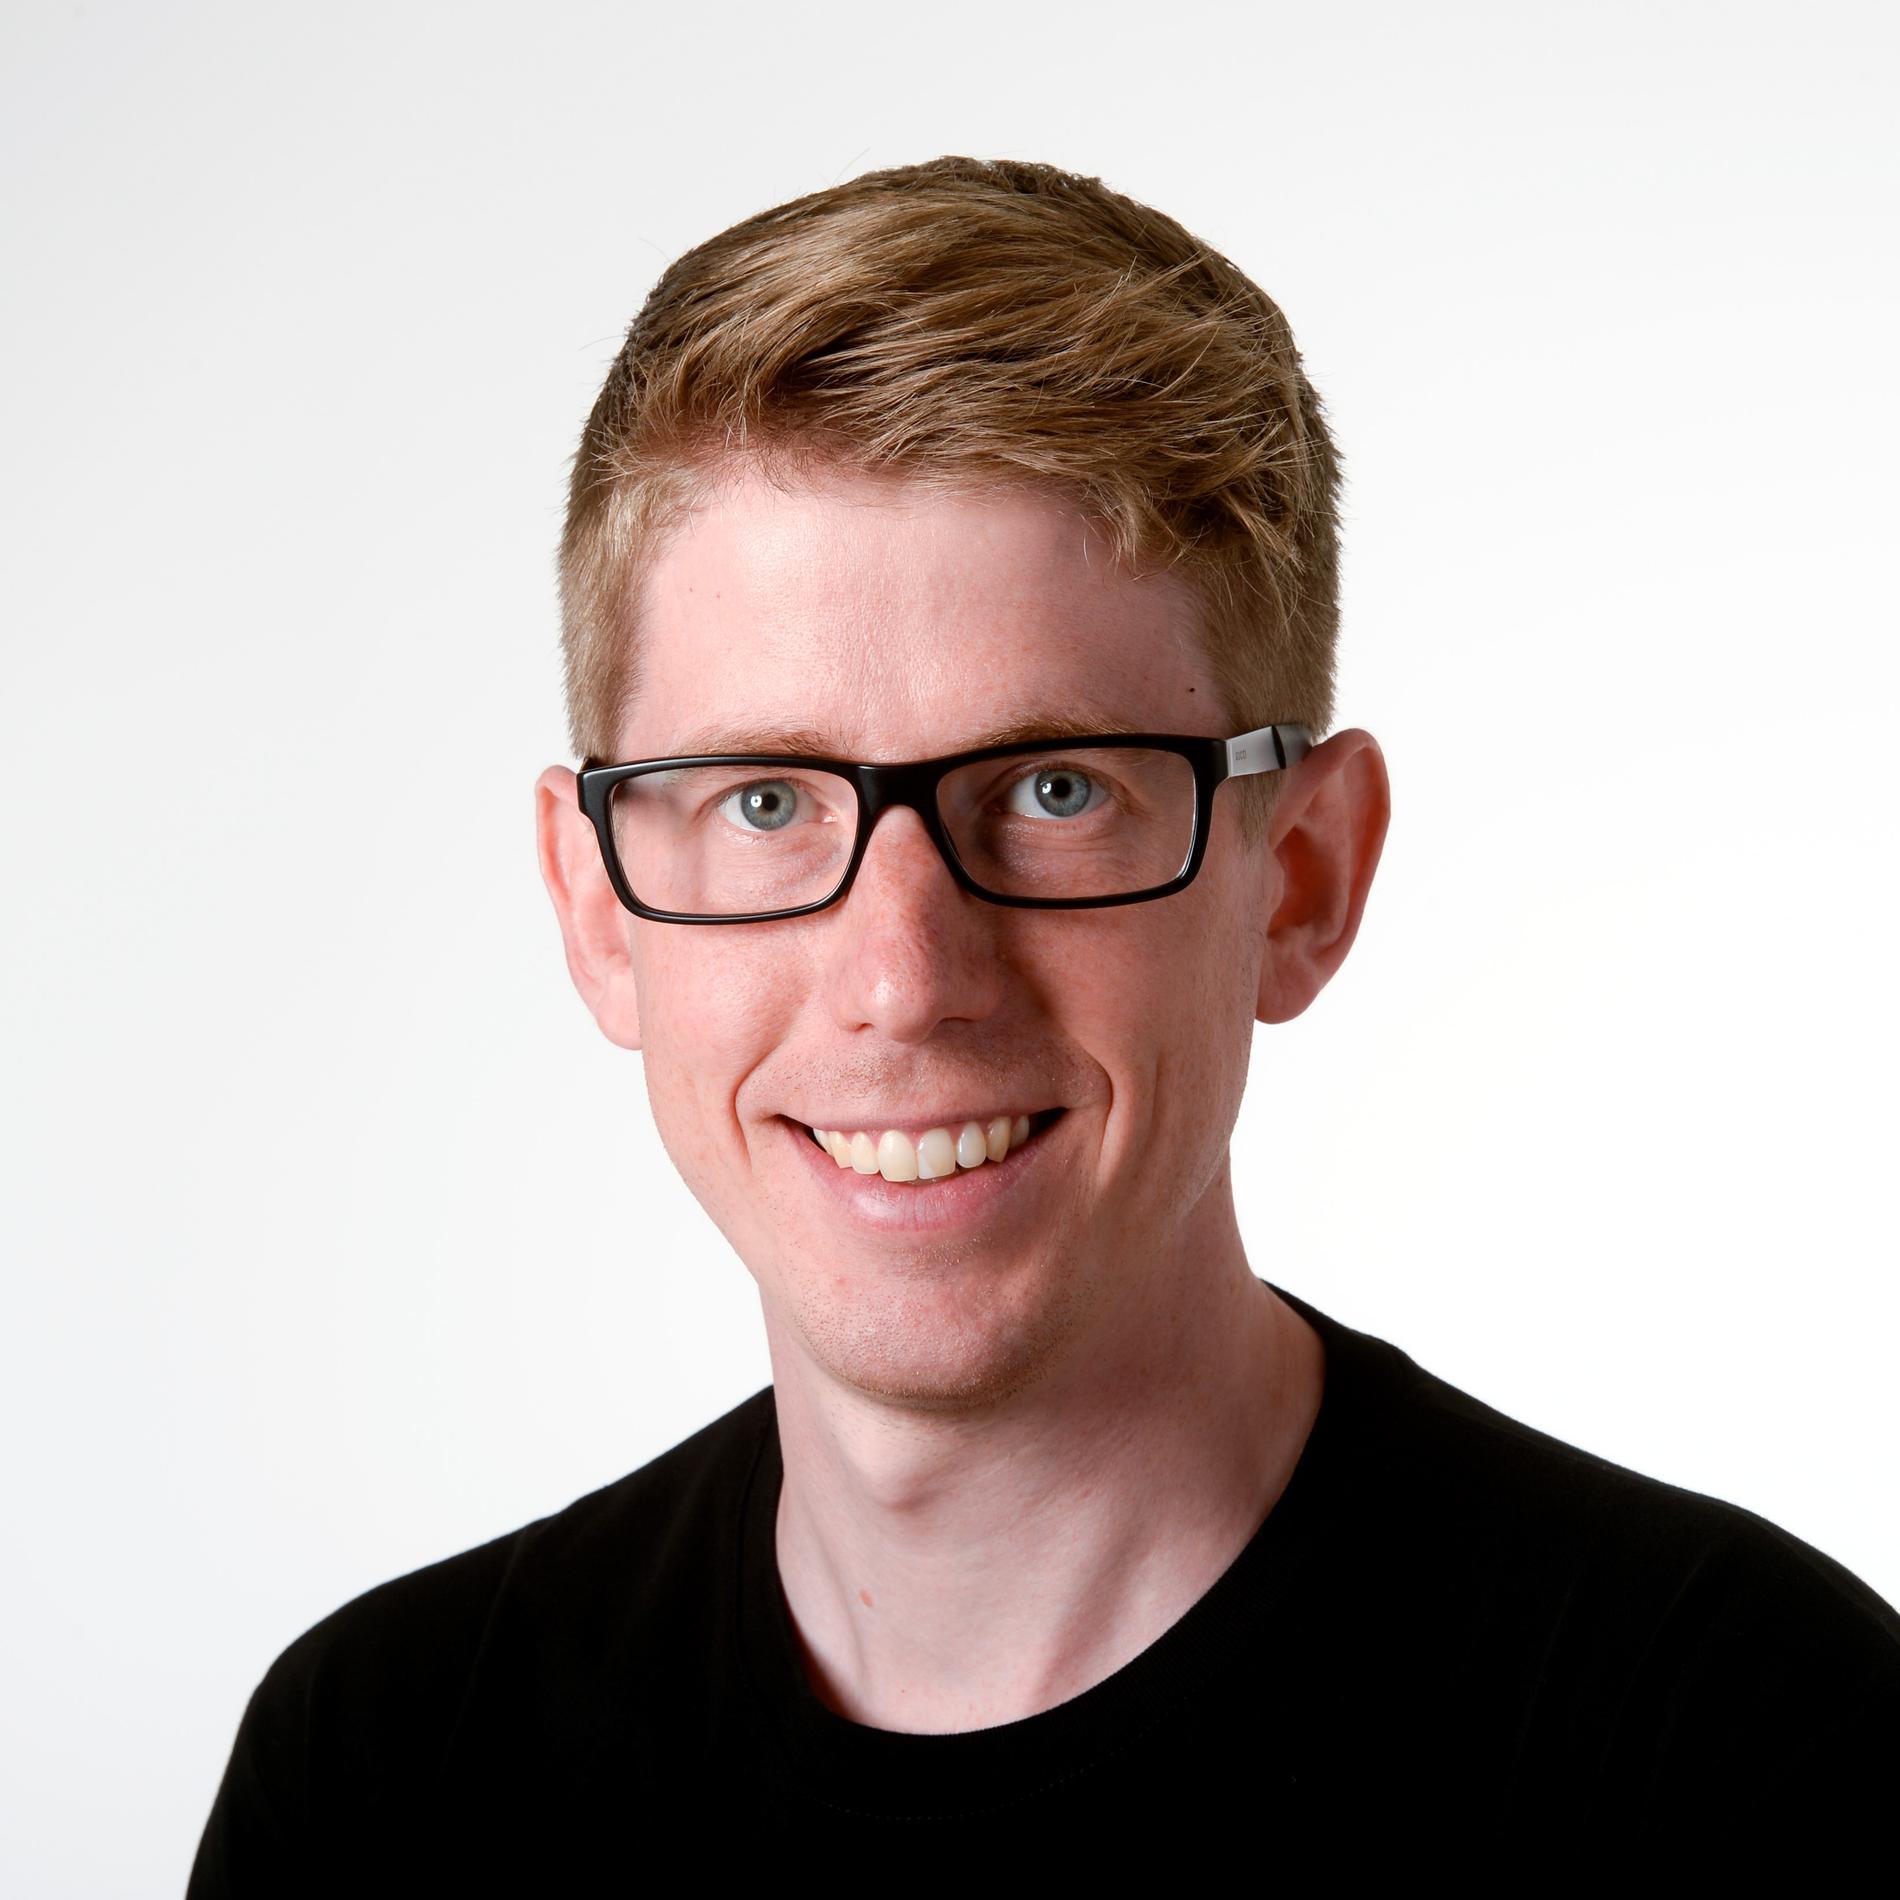 Andreas Askildsen